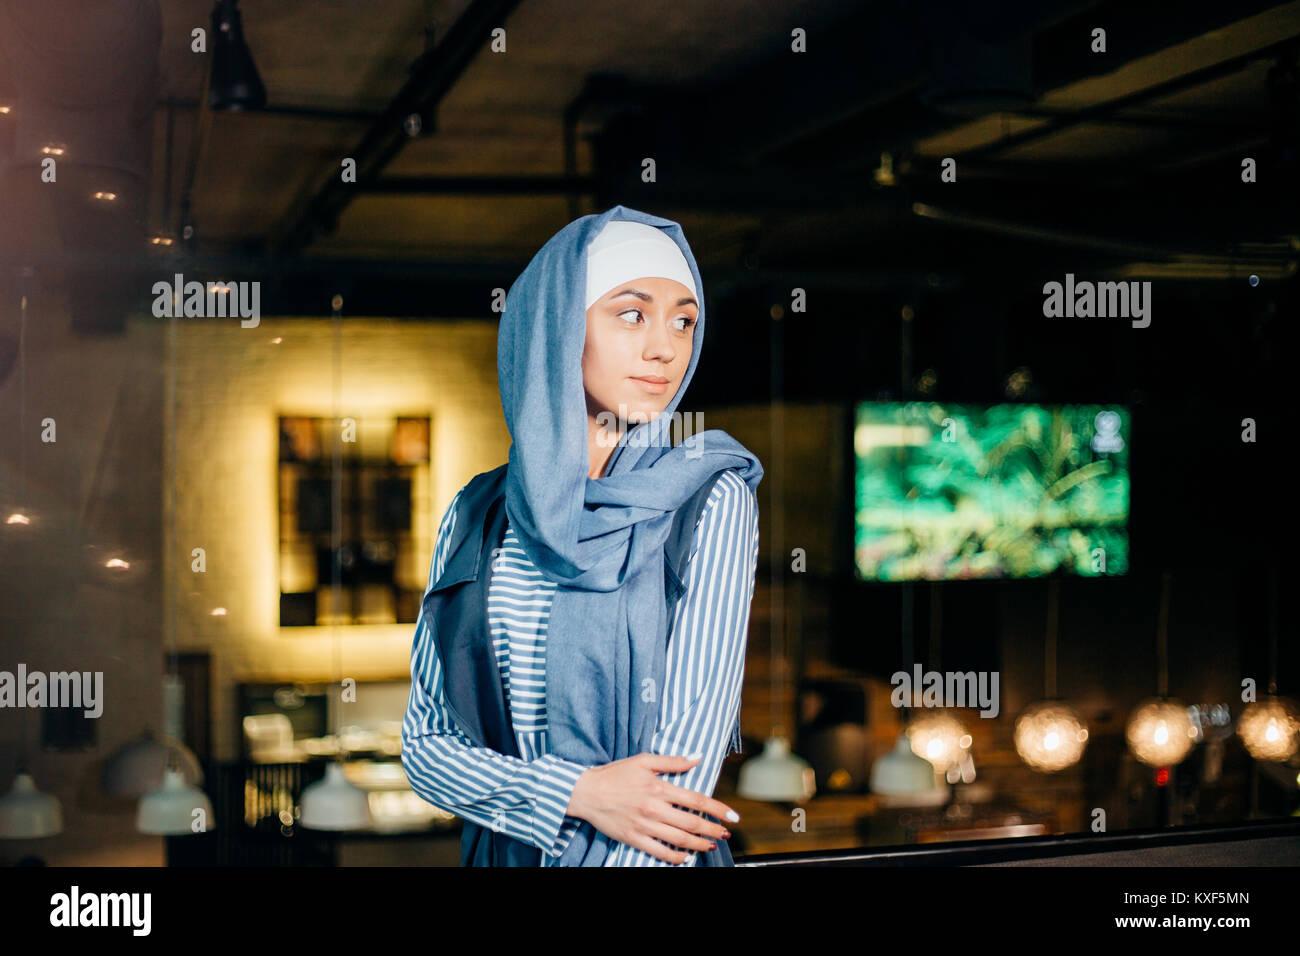 Ritratto di una bella donna musulmana in cafe Immagini Stock